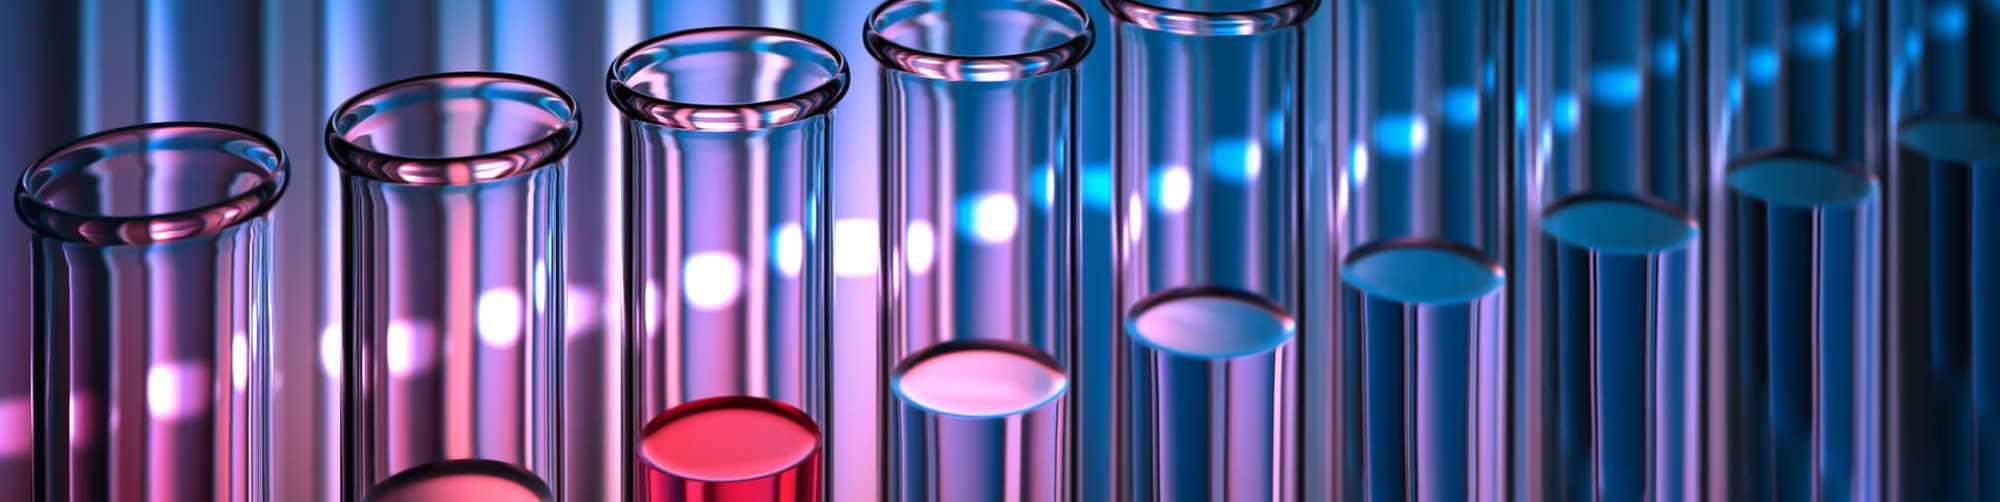 Reagenzgläser, Bunte Reihe, Studien Mikrobiom